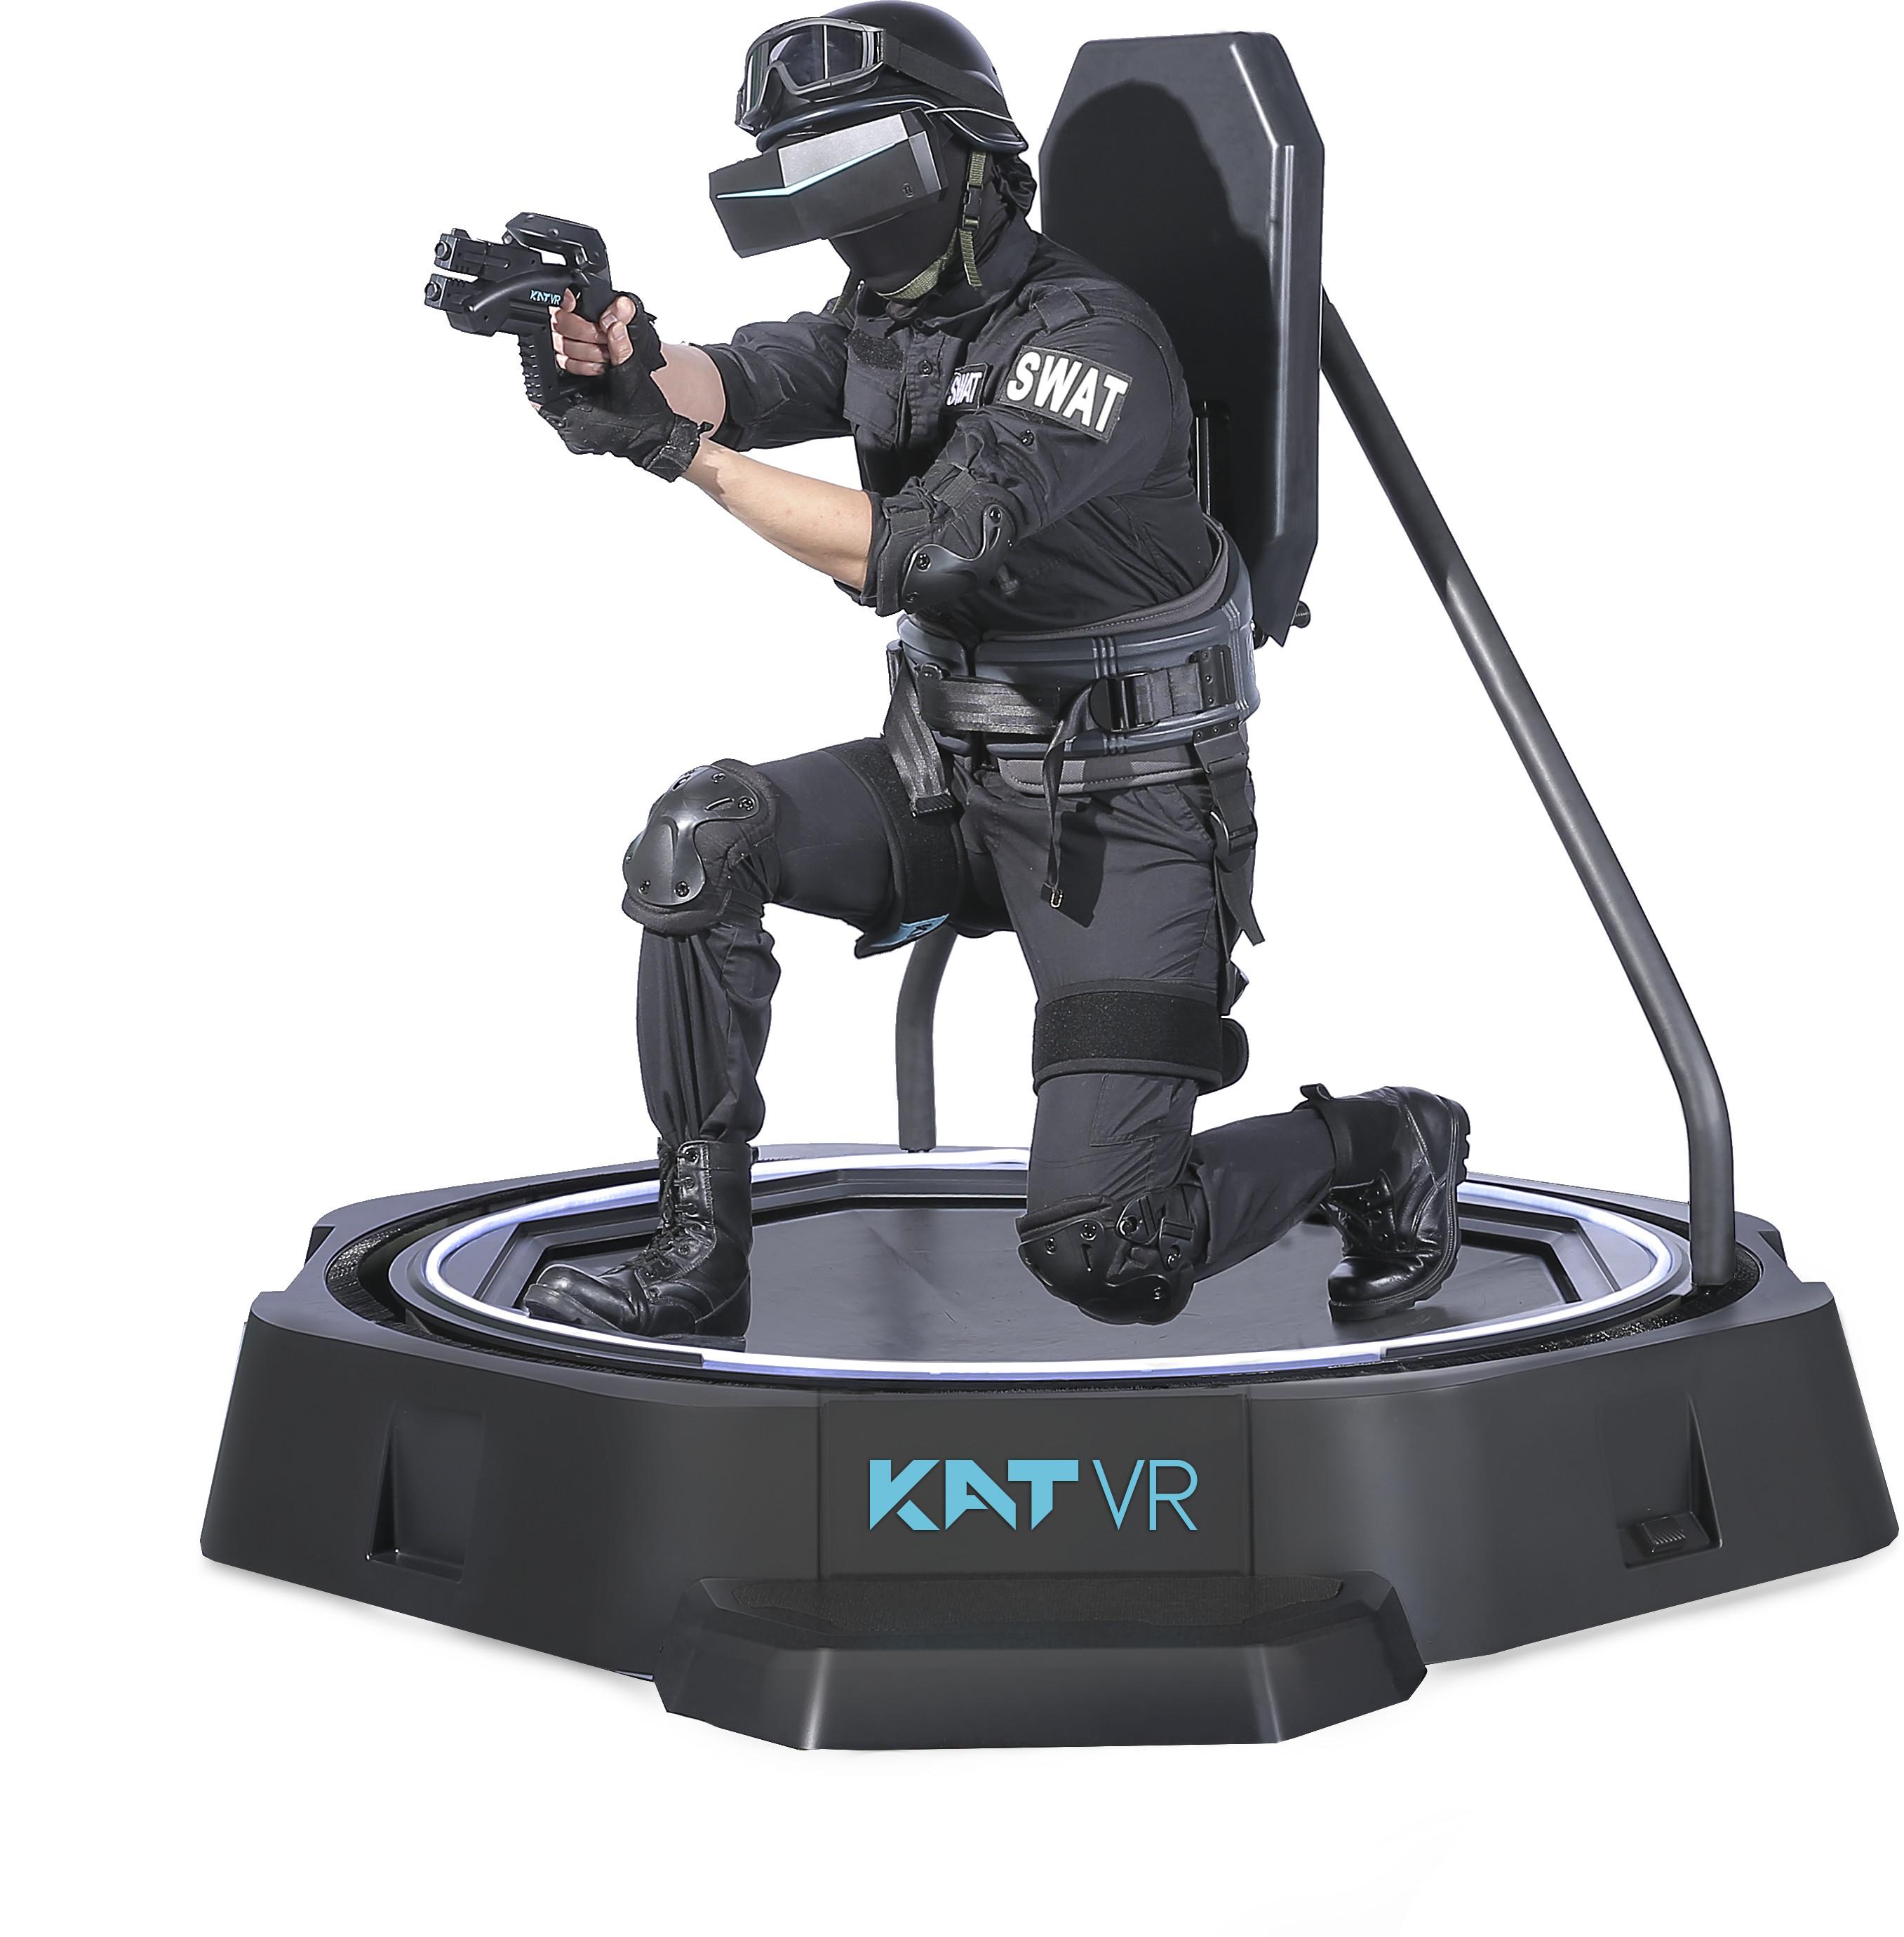 KatVR Katwalk MINI bieżnia VR